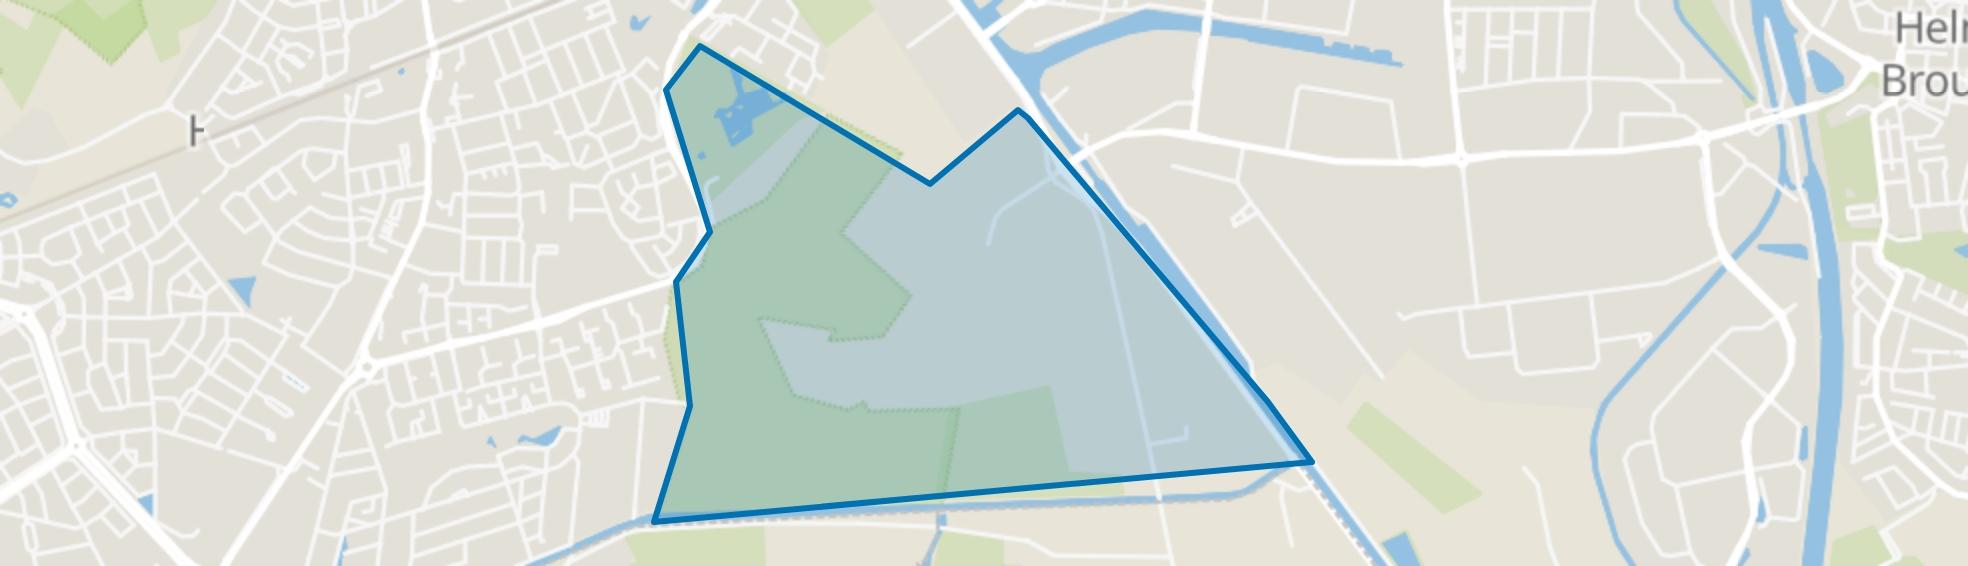 Groot Goor, Helmond map